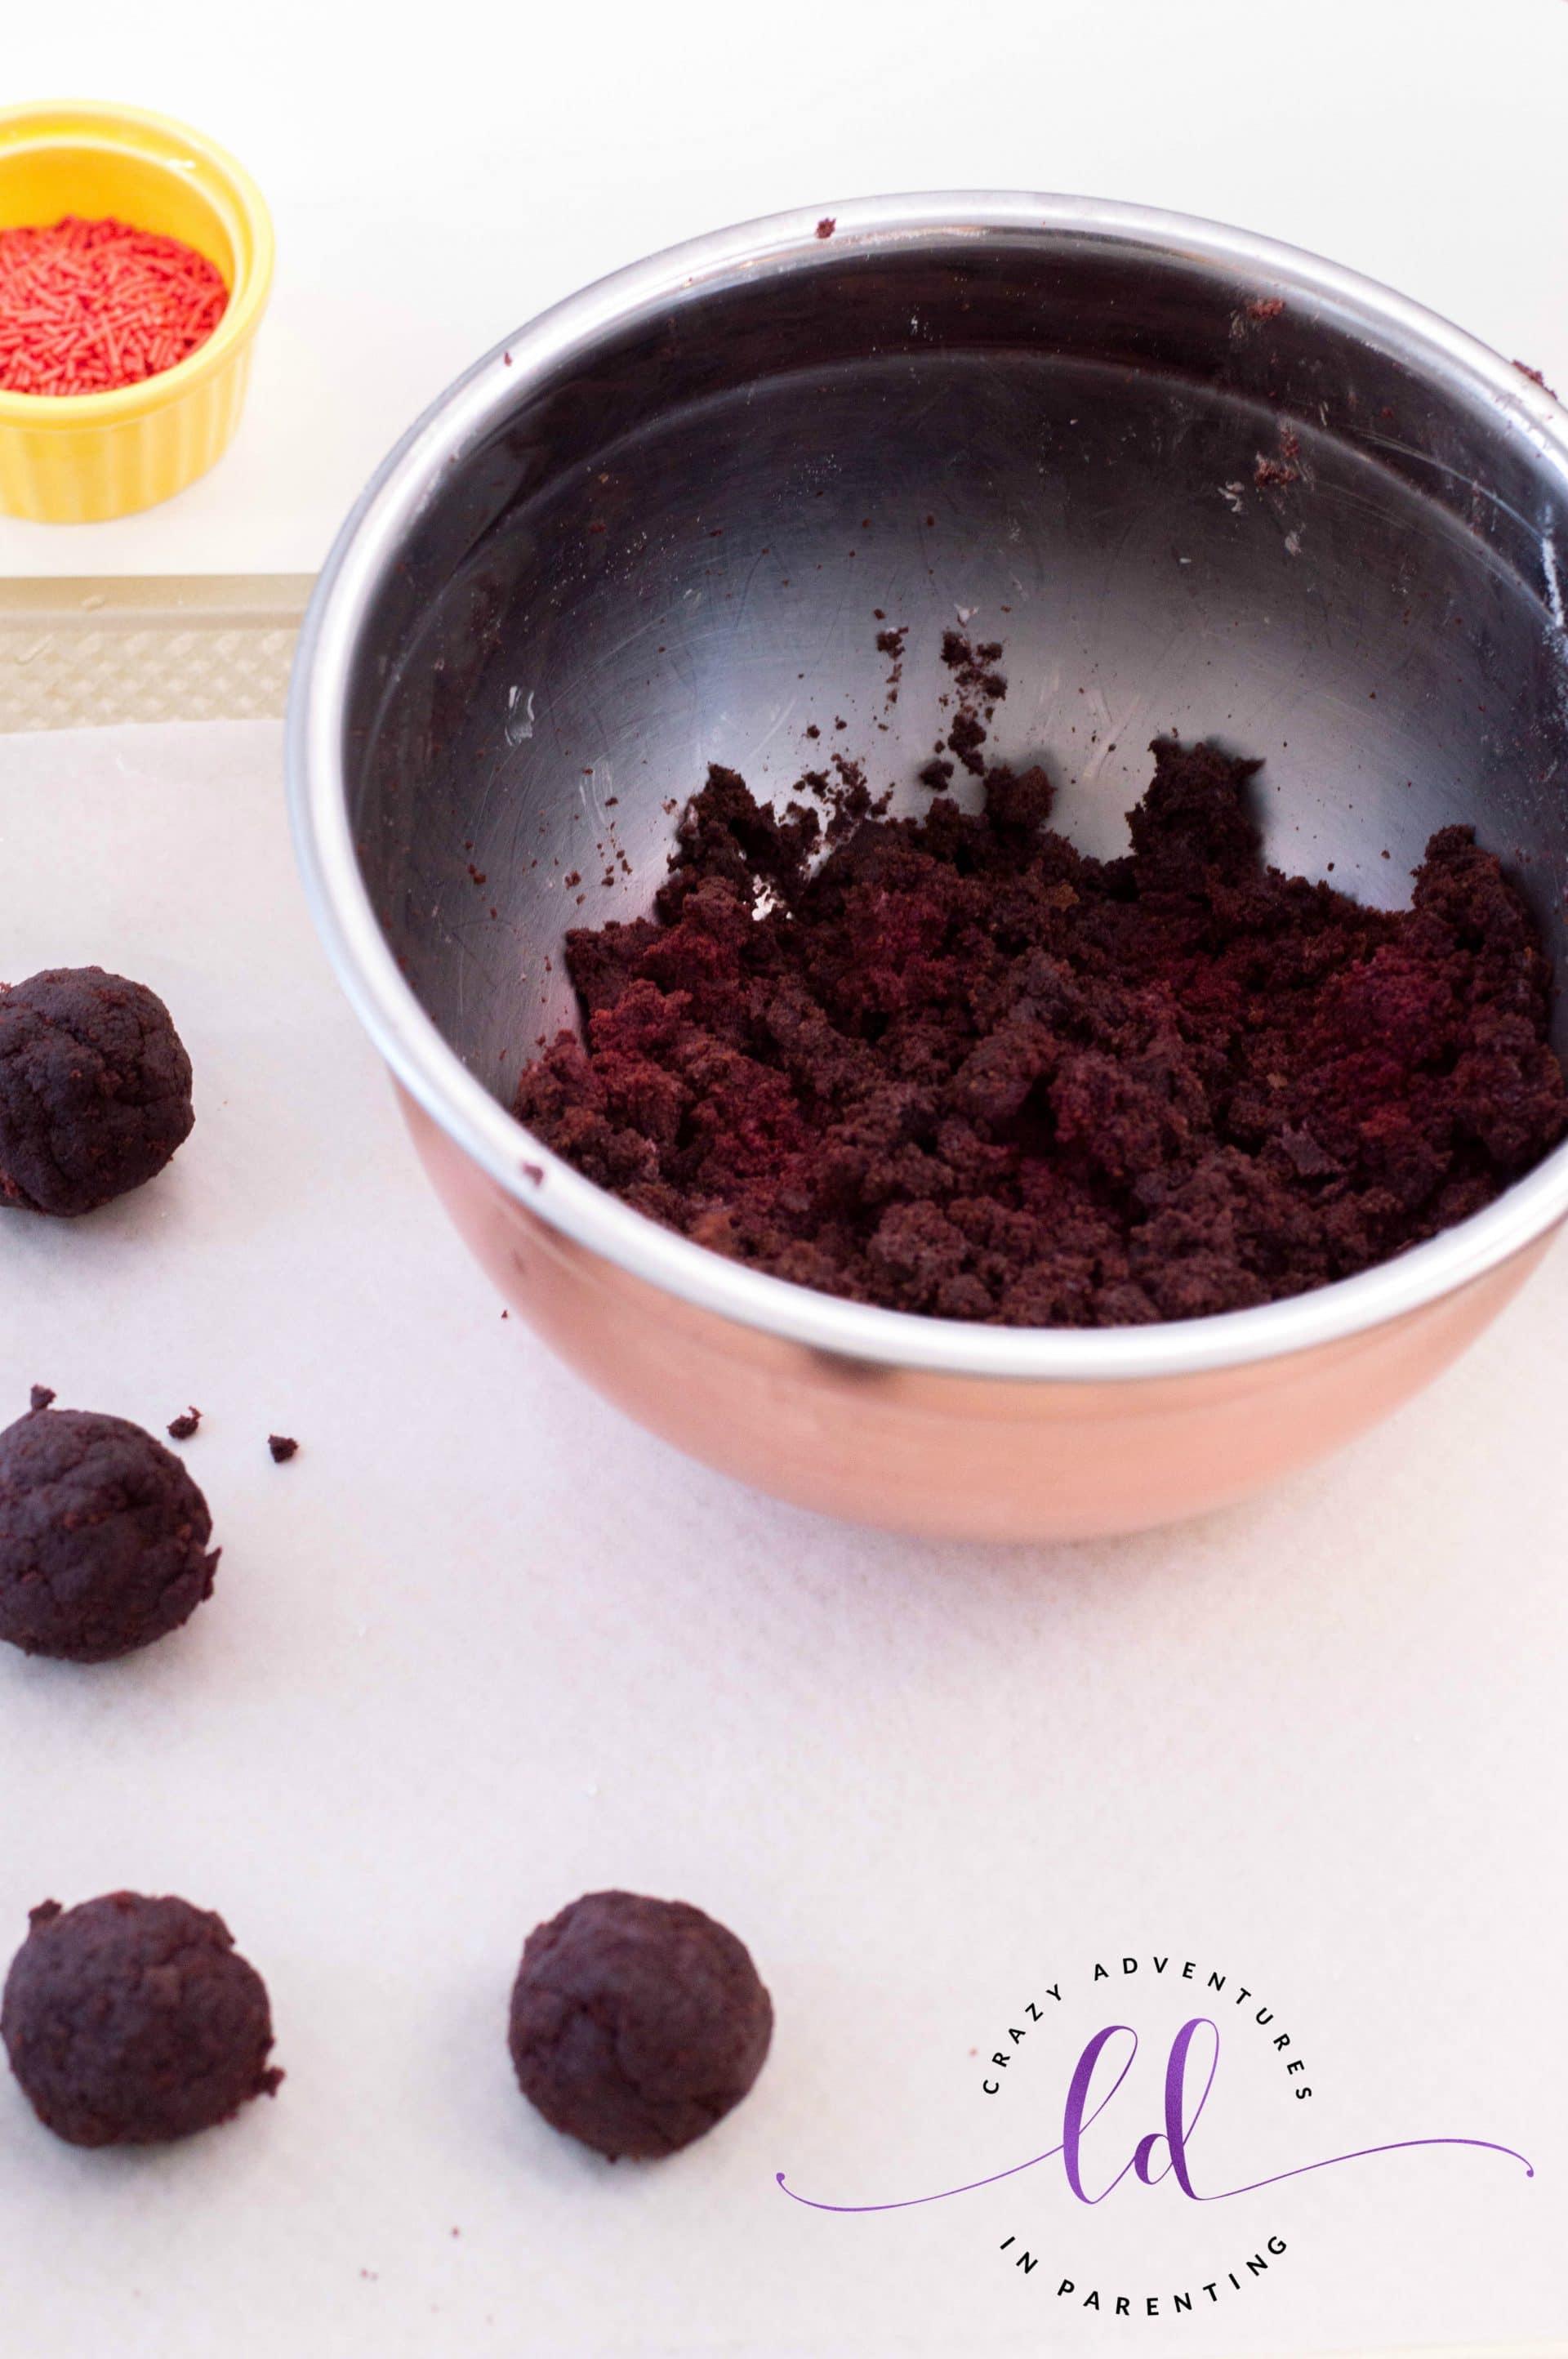 Making Cake Balls for Red Velvet Truffles